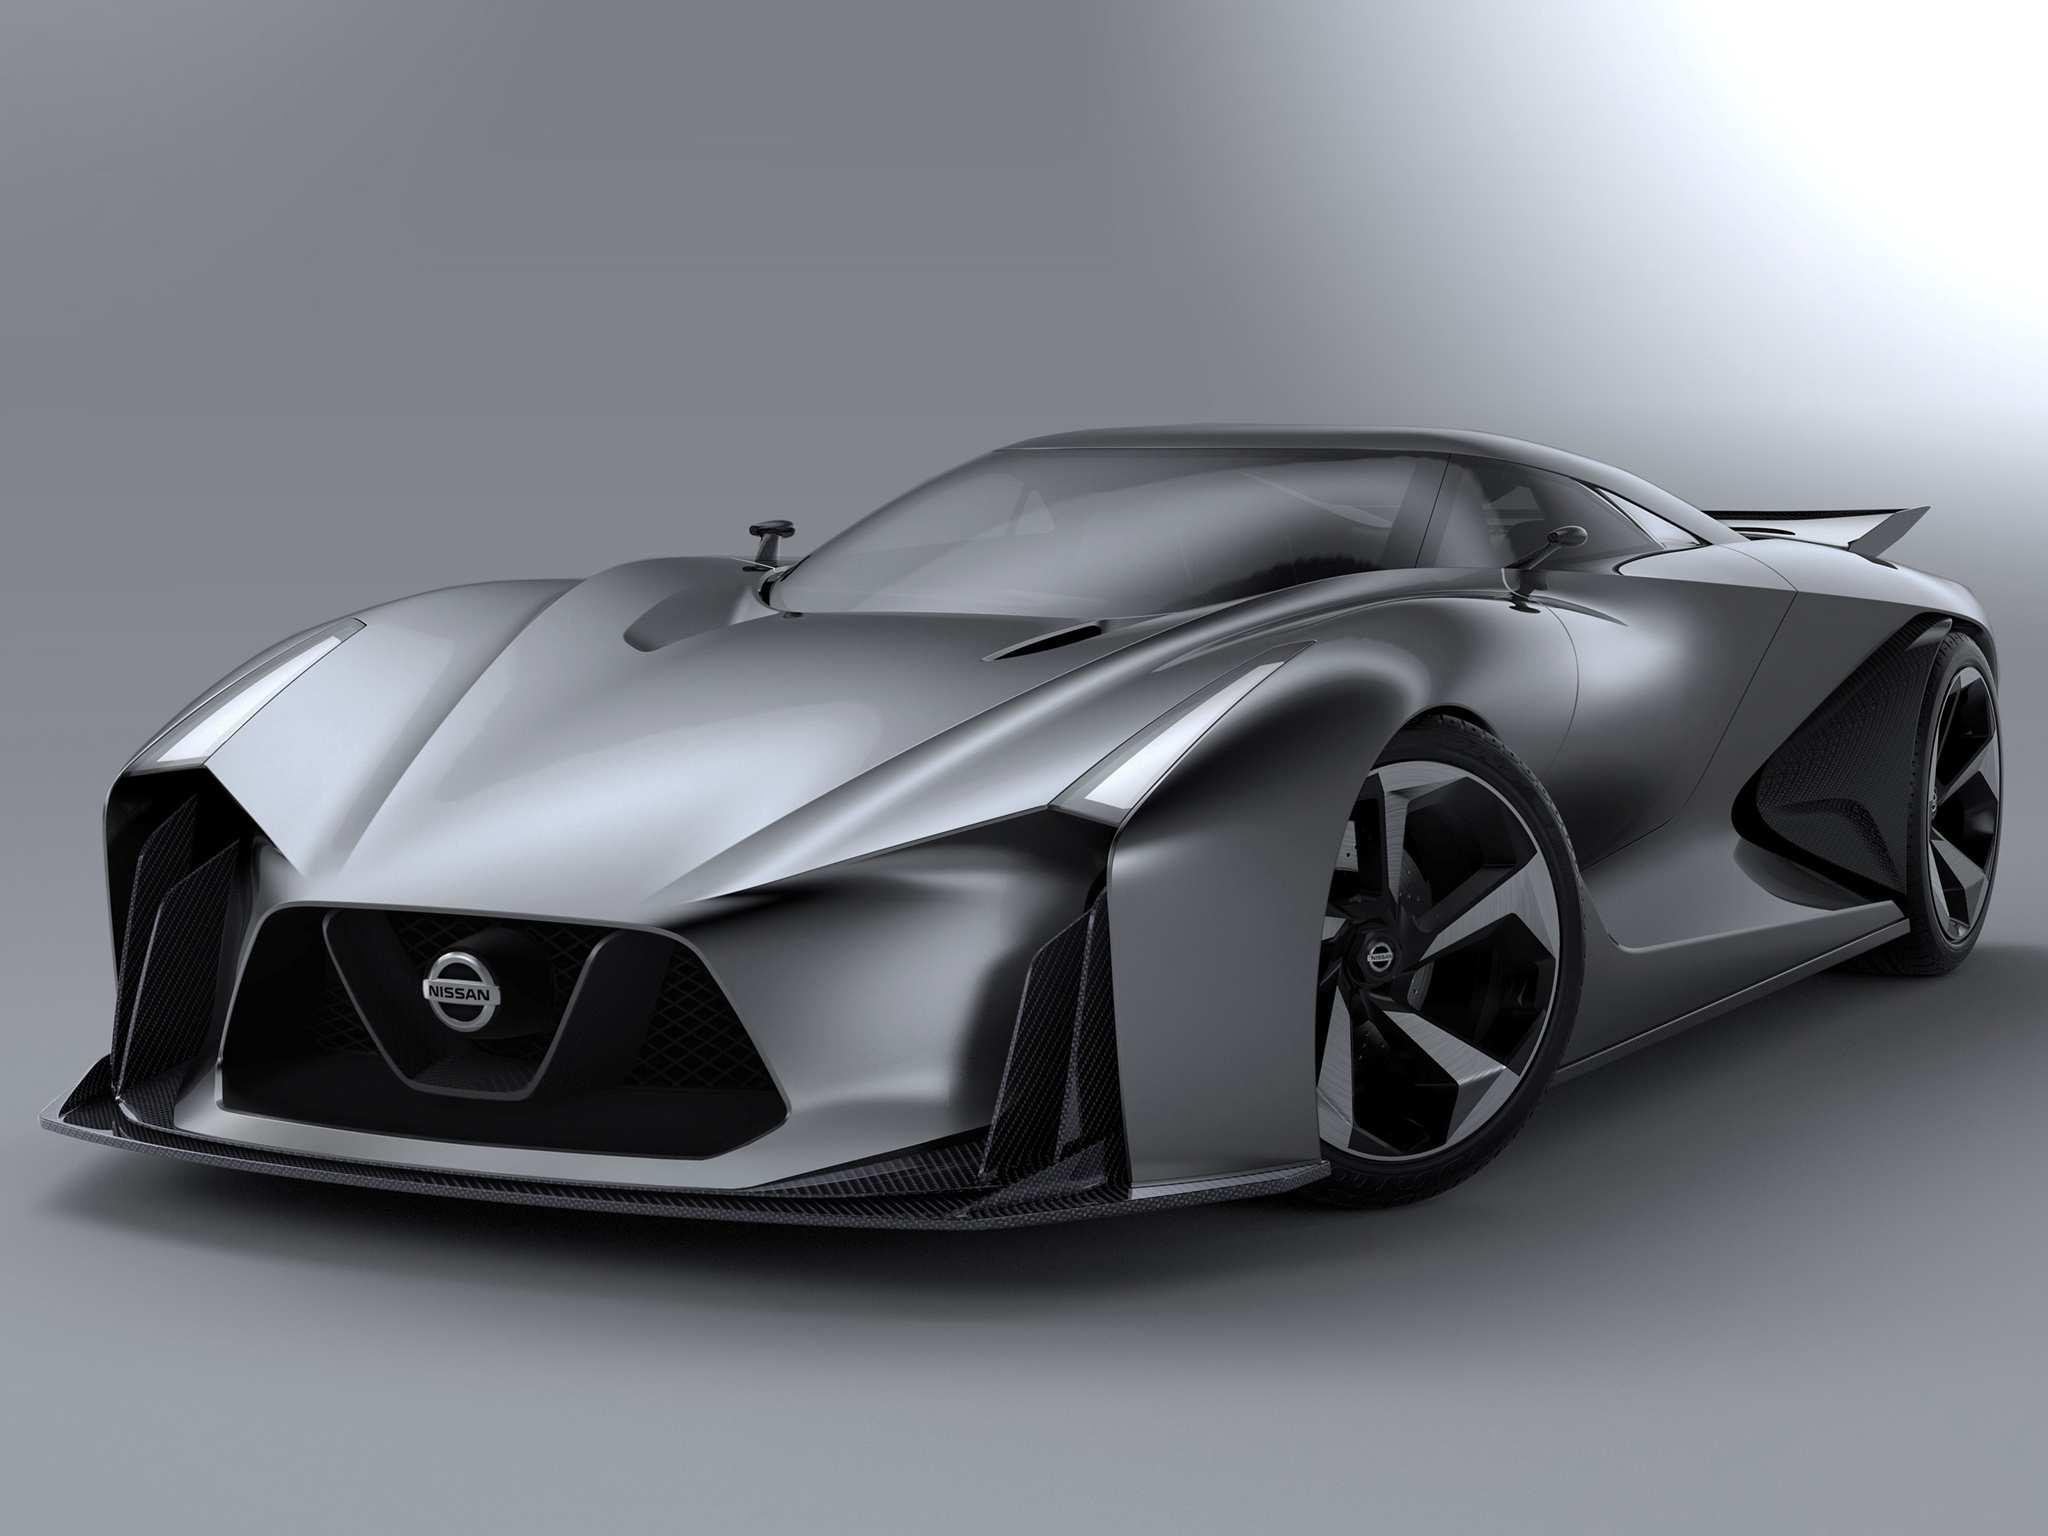 17 All New Nissan Concept 2020 Gran Turismo Configurations by Nissan Concept 2020 Gran Turismo